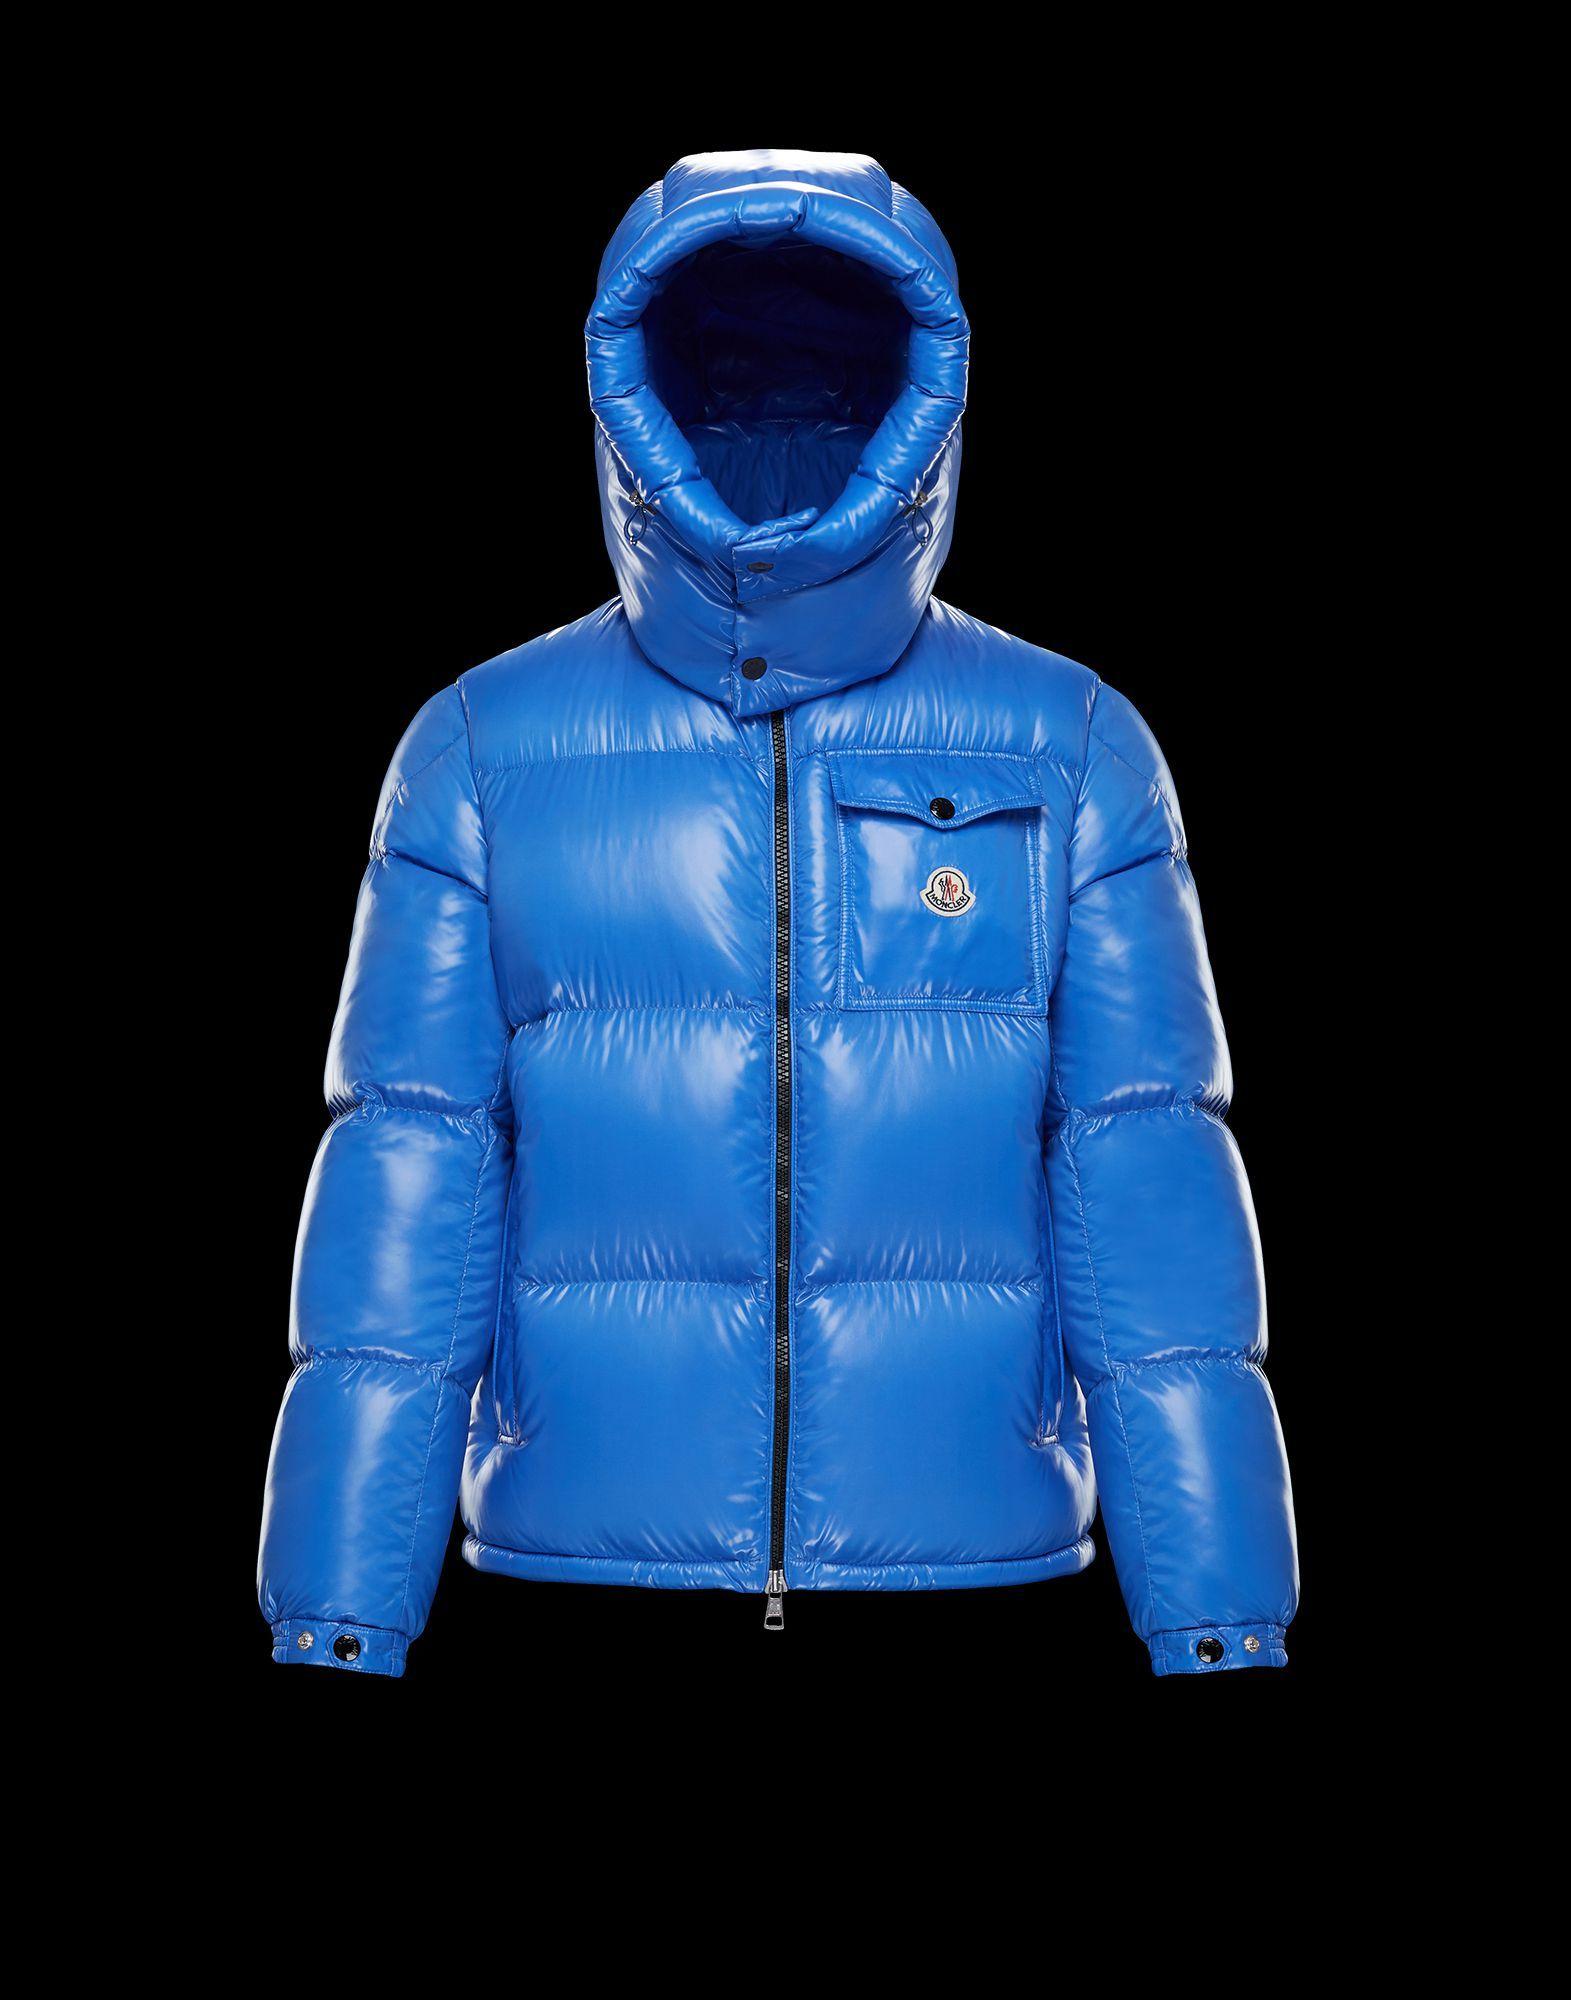 ¡Nueva llegada 2019! Marca de fábrica de los hombres MONTBELIARD JACKET parkas con capucha negro azul marino gris chaqueta de invierno abrigo / Parka con envío gratuito